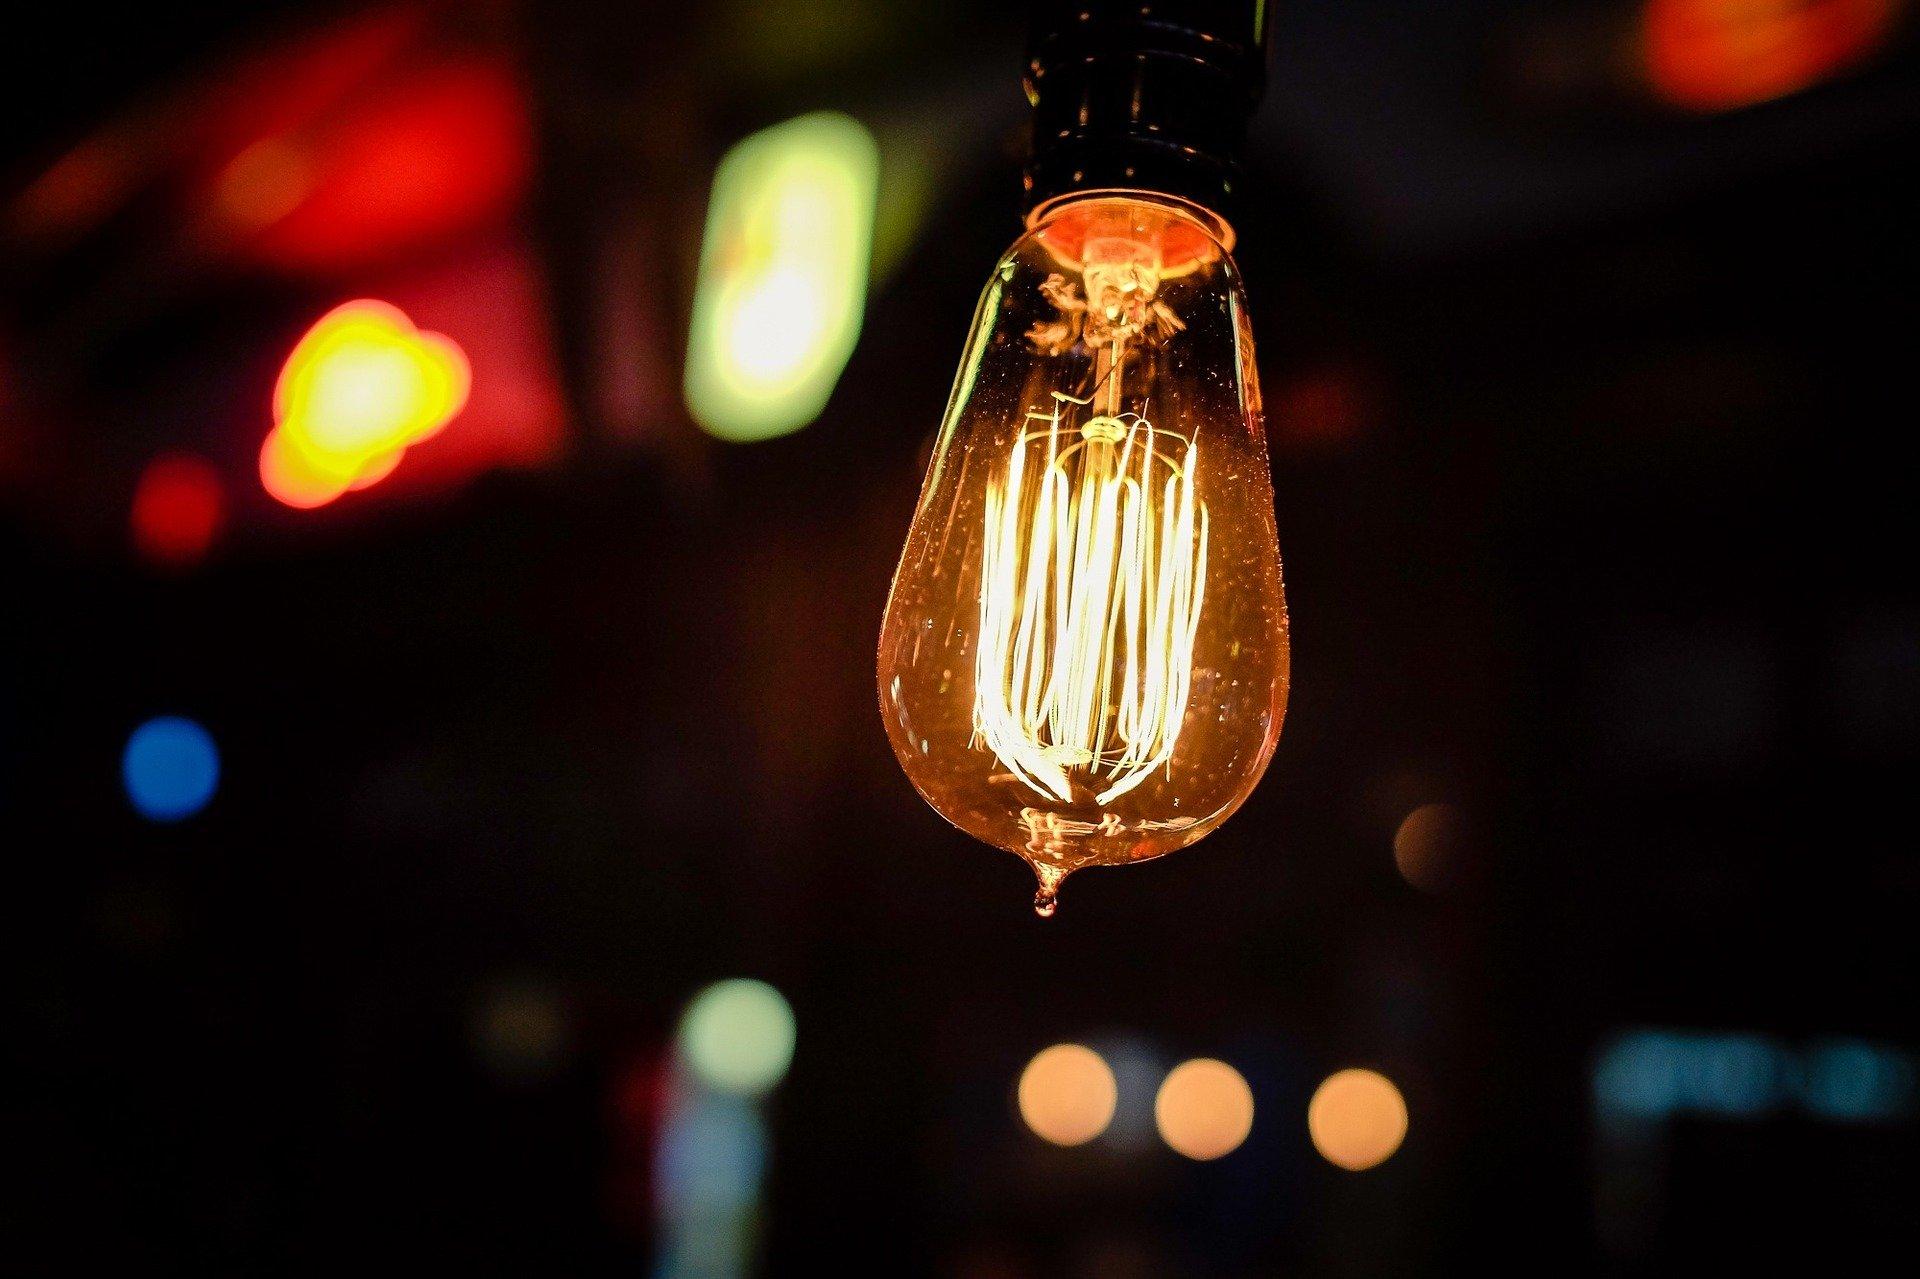 20200210 Lightbulb